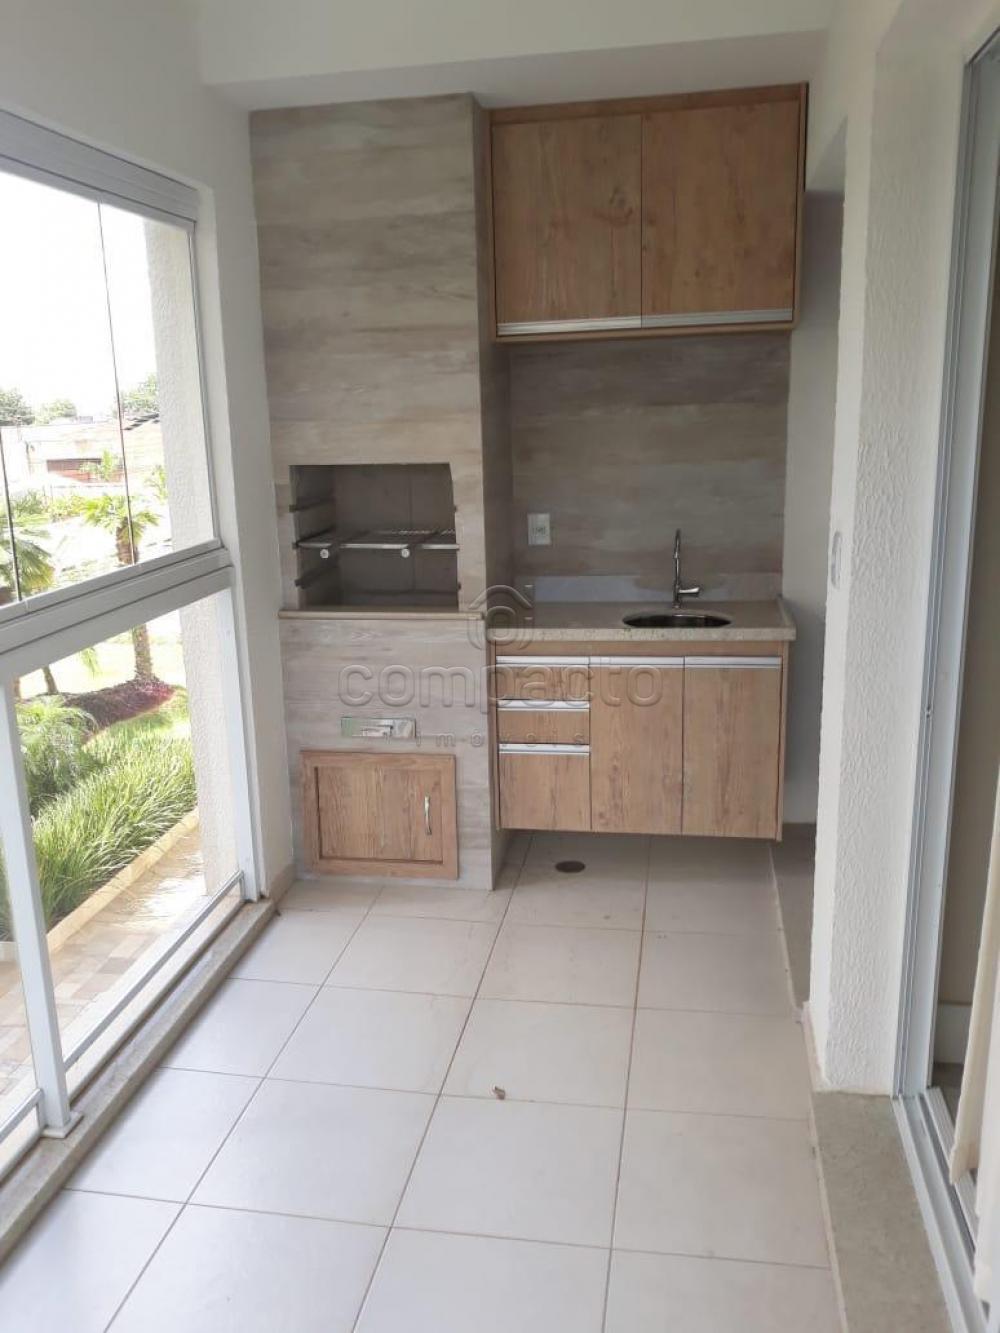 Alugar Apartamento / Padrão em São José do Rio Preto apenas R$ 2.650,00 - Foto 4